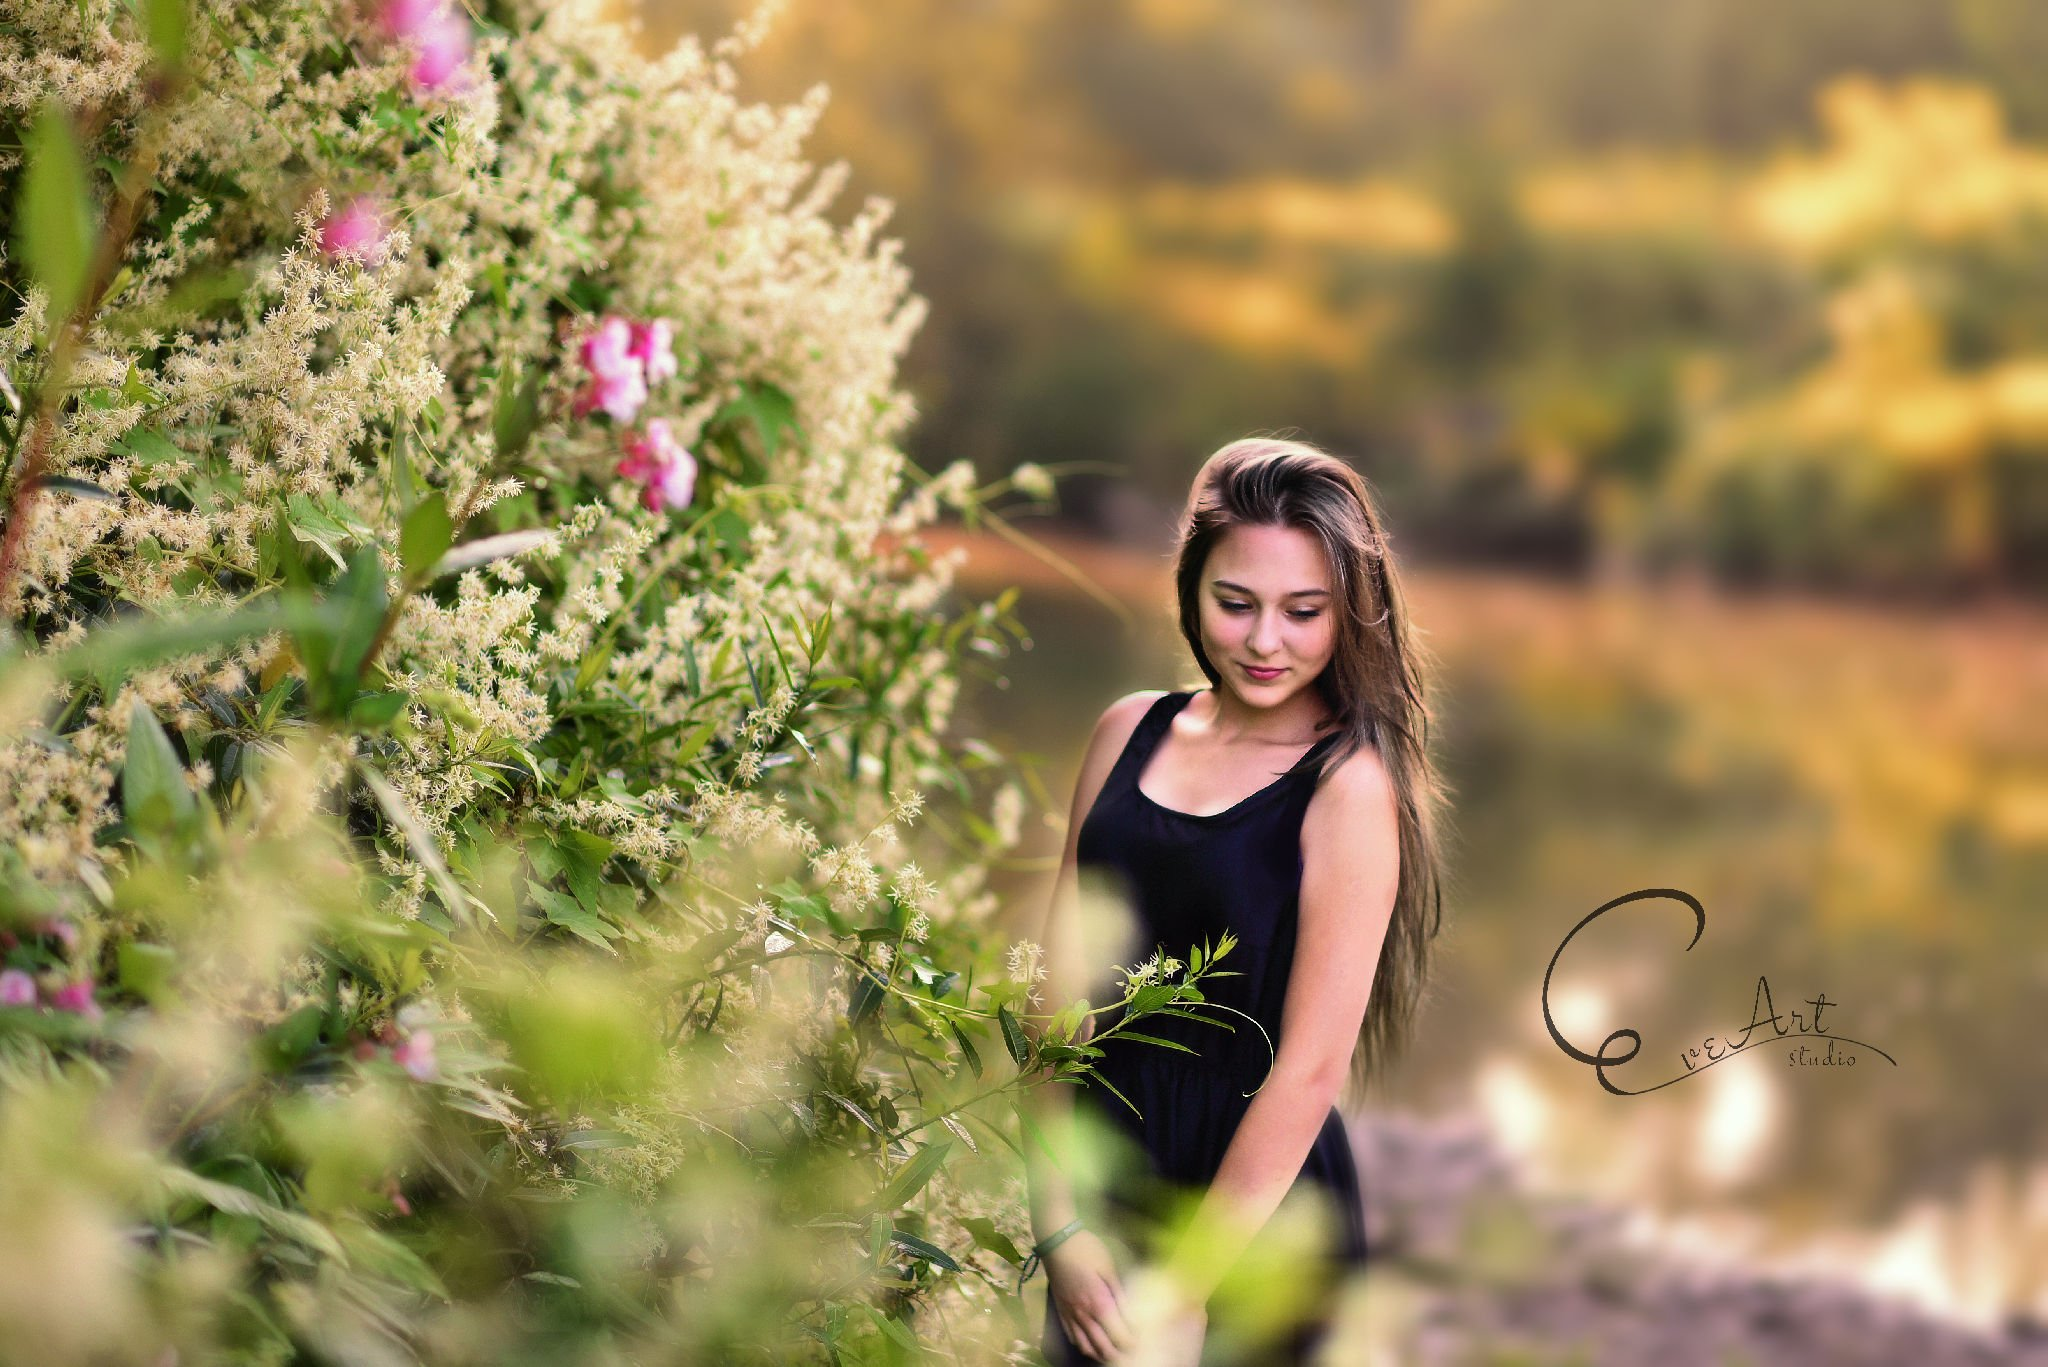 sesja_W_plenerze_fotograf_krosno_rzeszow_eveart